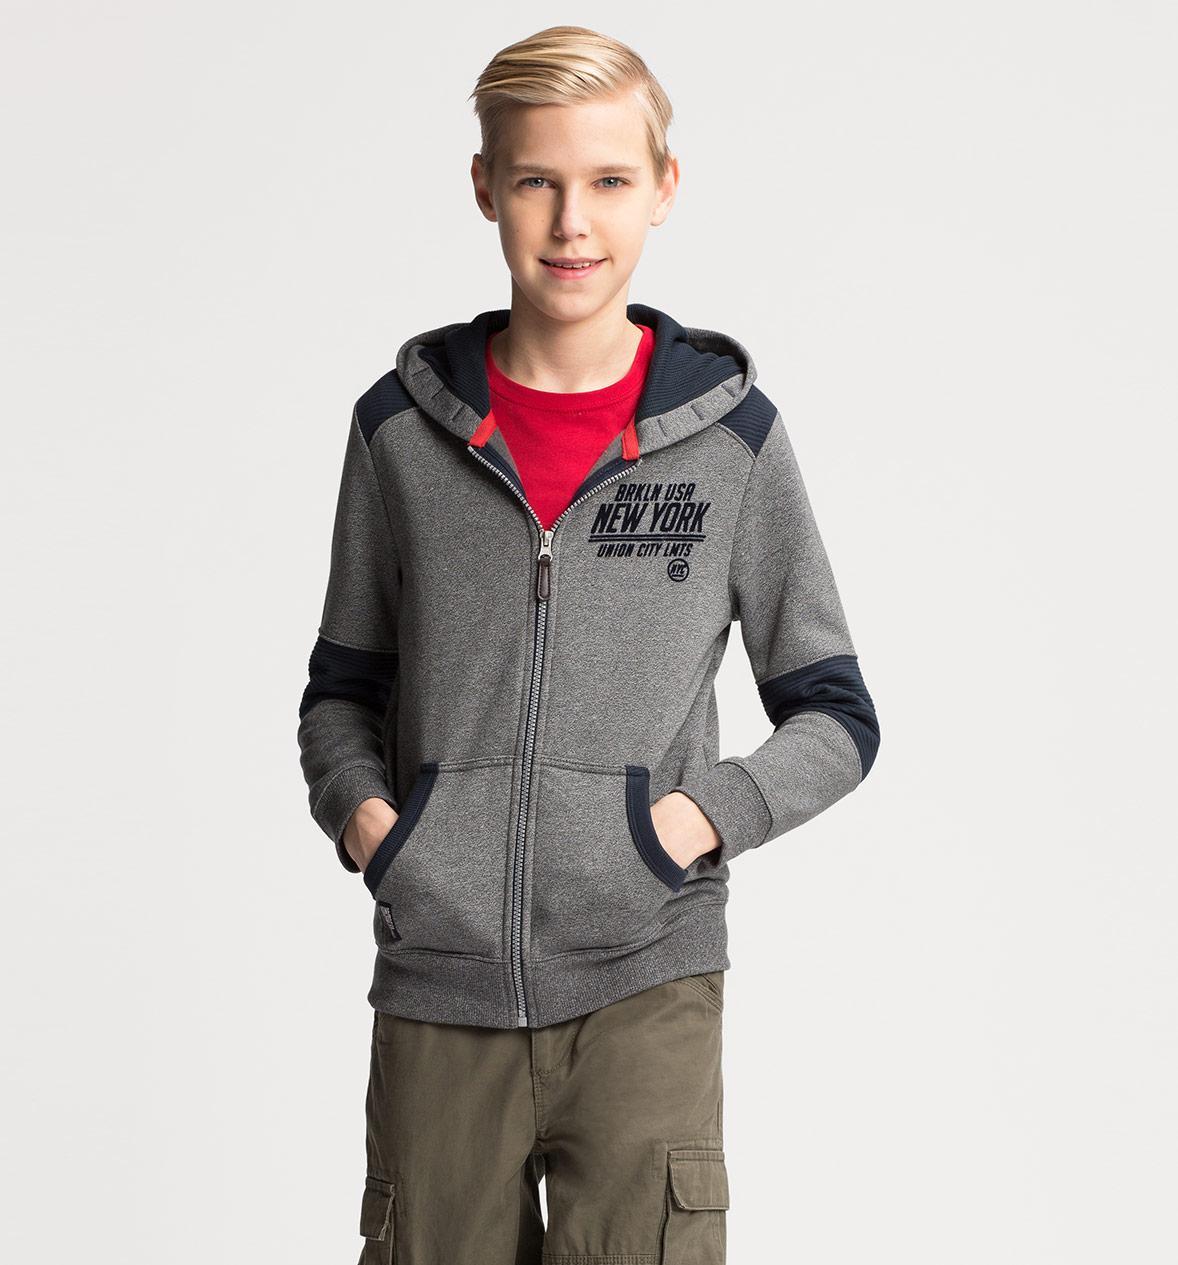 Серая кофта на молнии с капюшоном на мальчика C&A Германия Размер 158-164